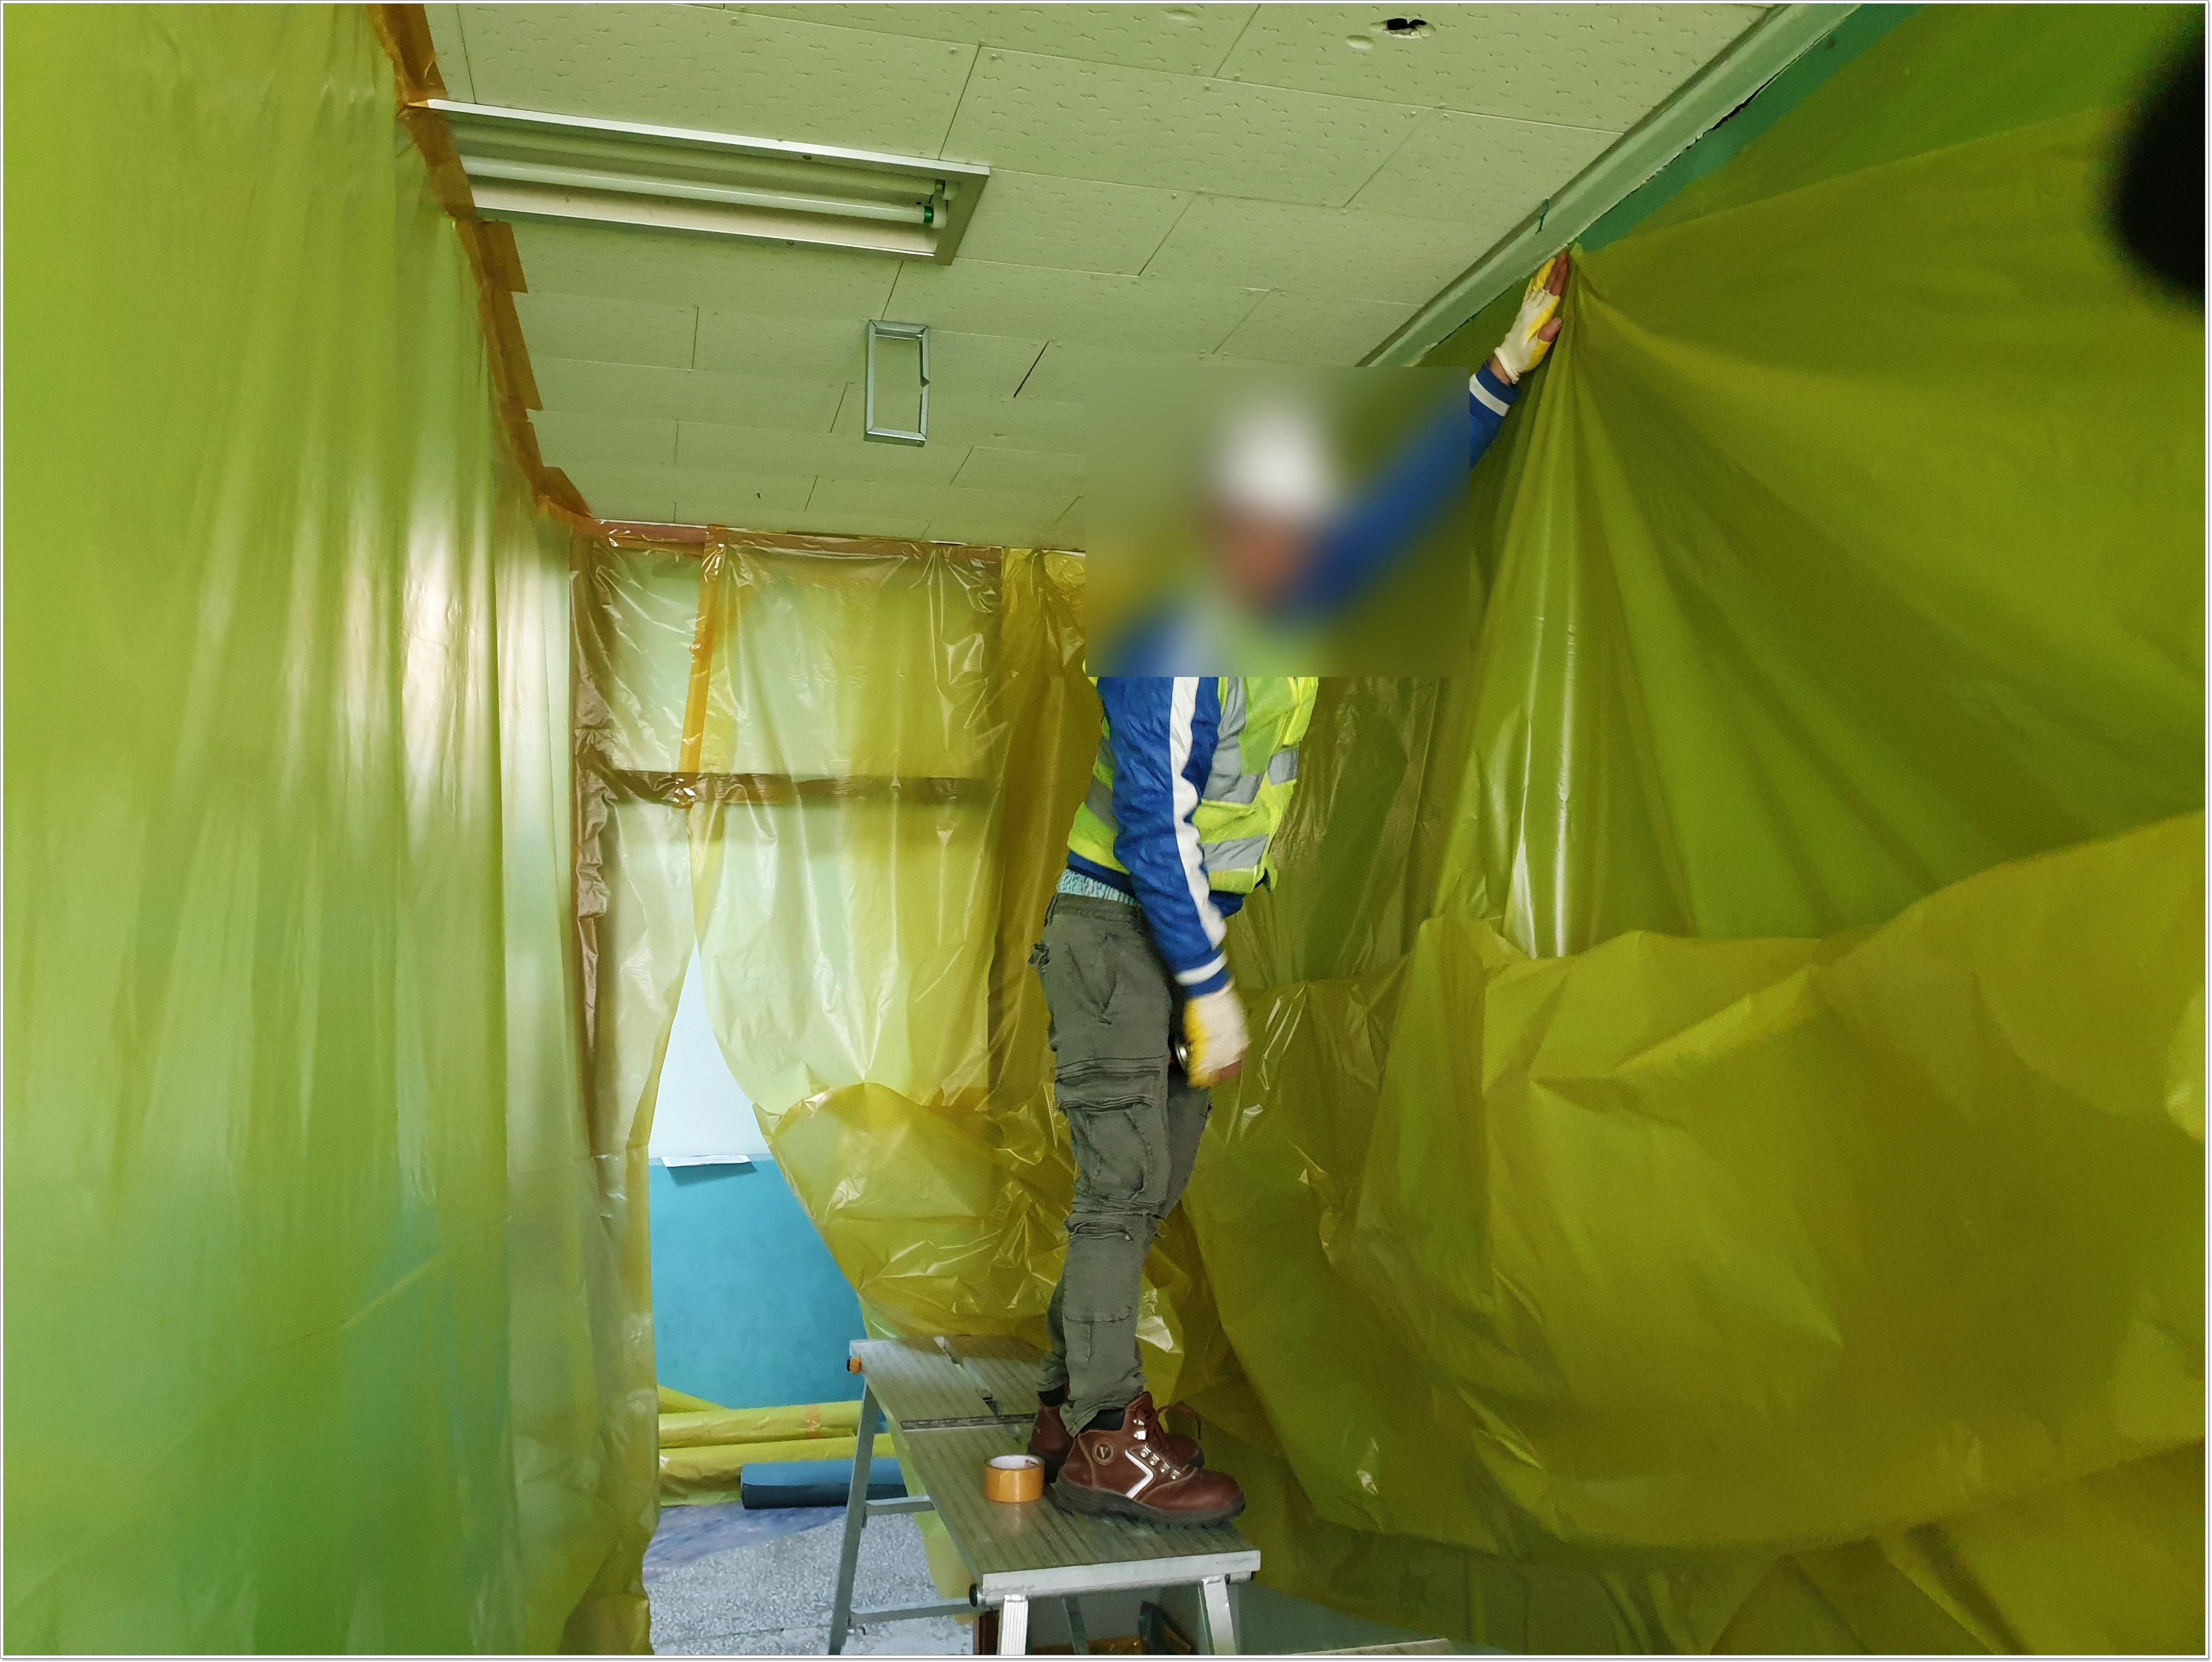 12 번째 사진  에  연면적 ㎡ 부산 중학교 석면해체 현장 (천장 텍스)